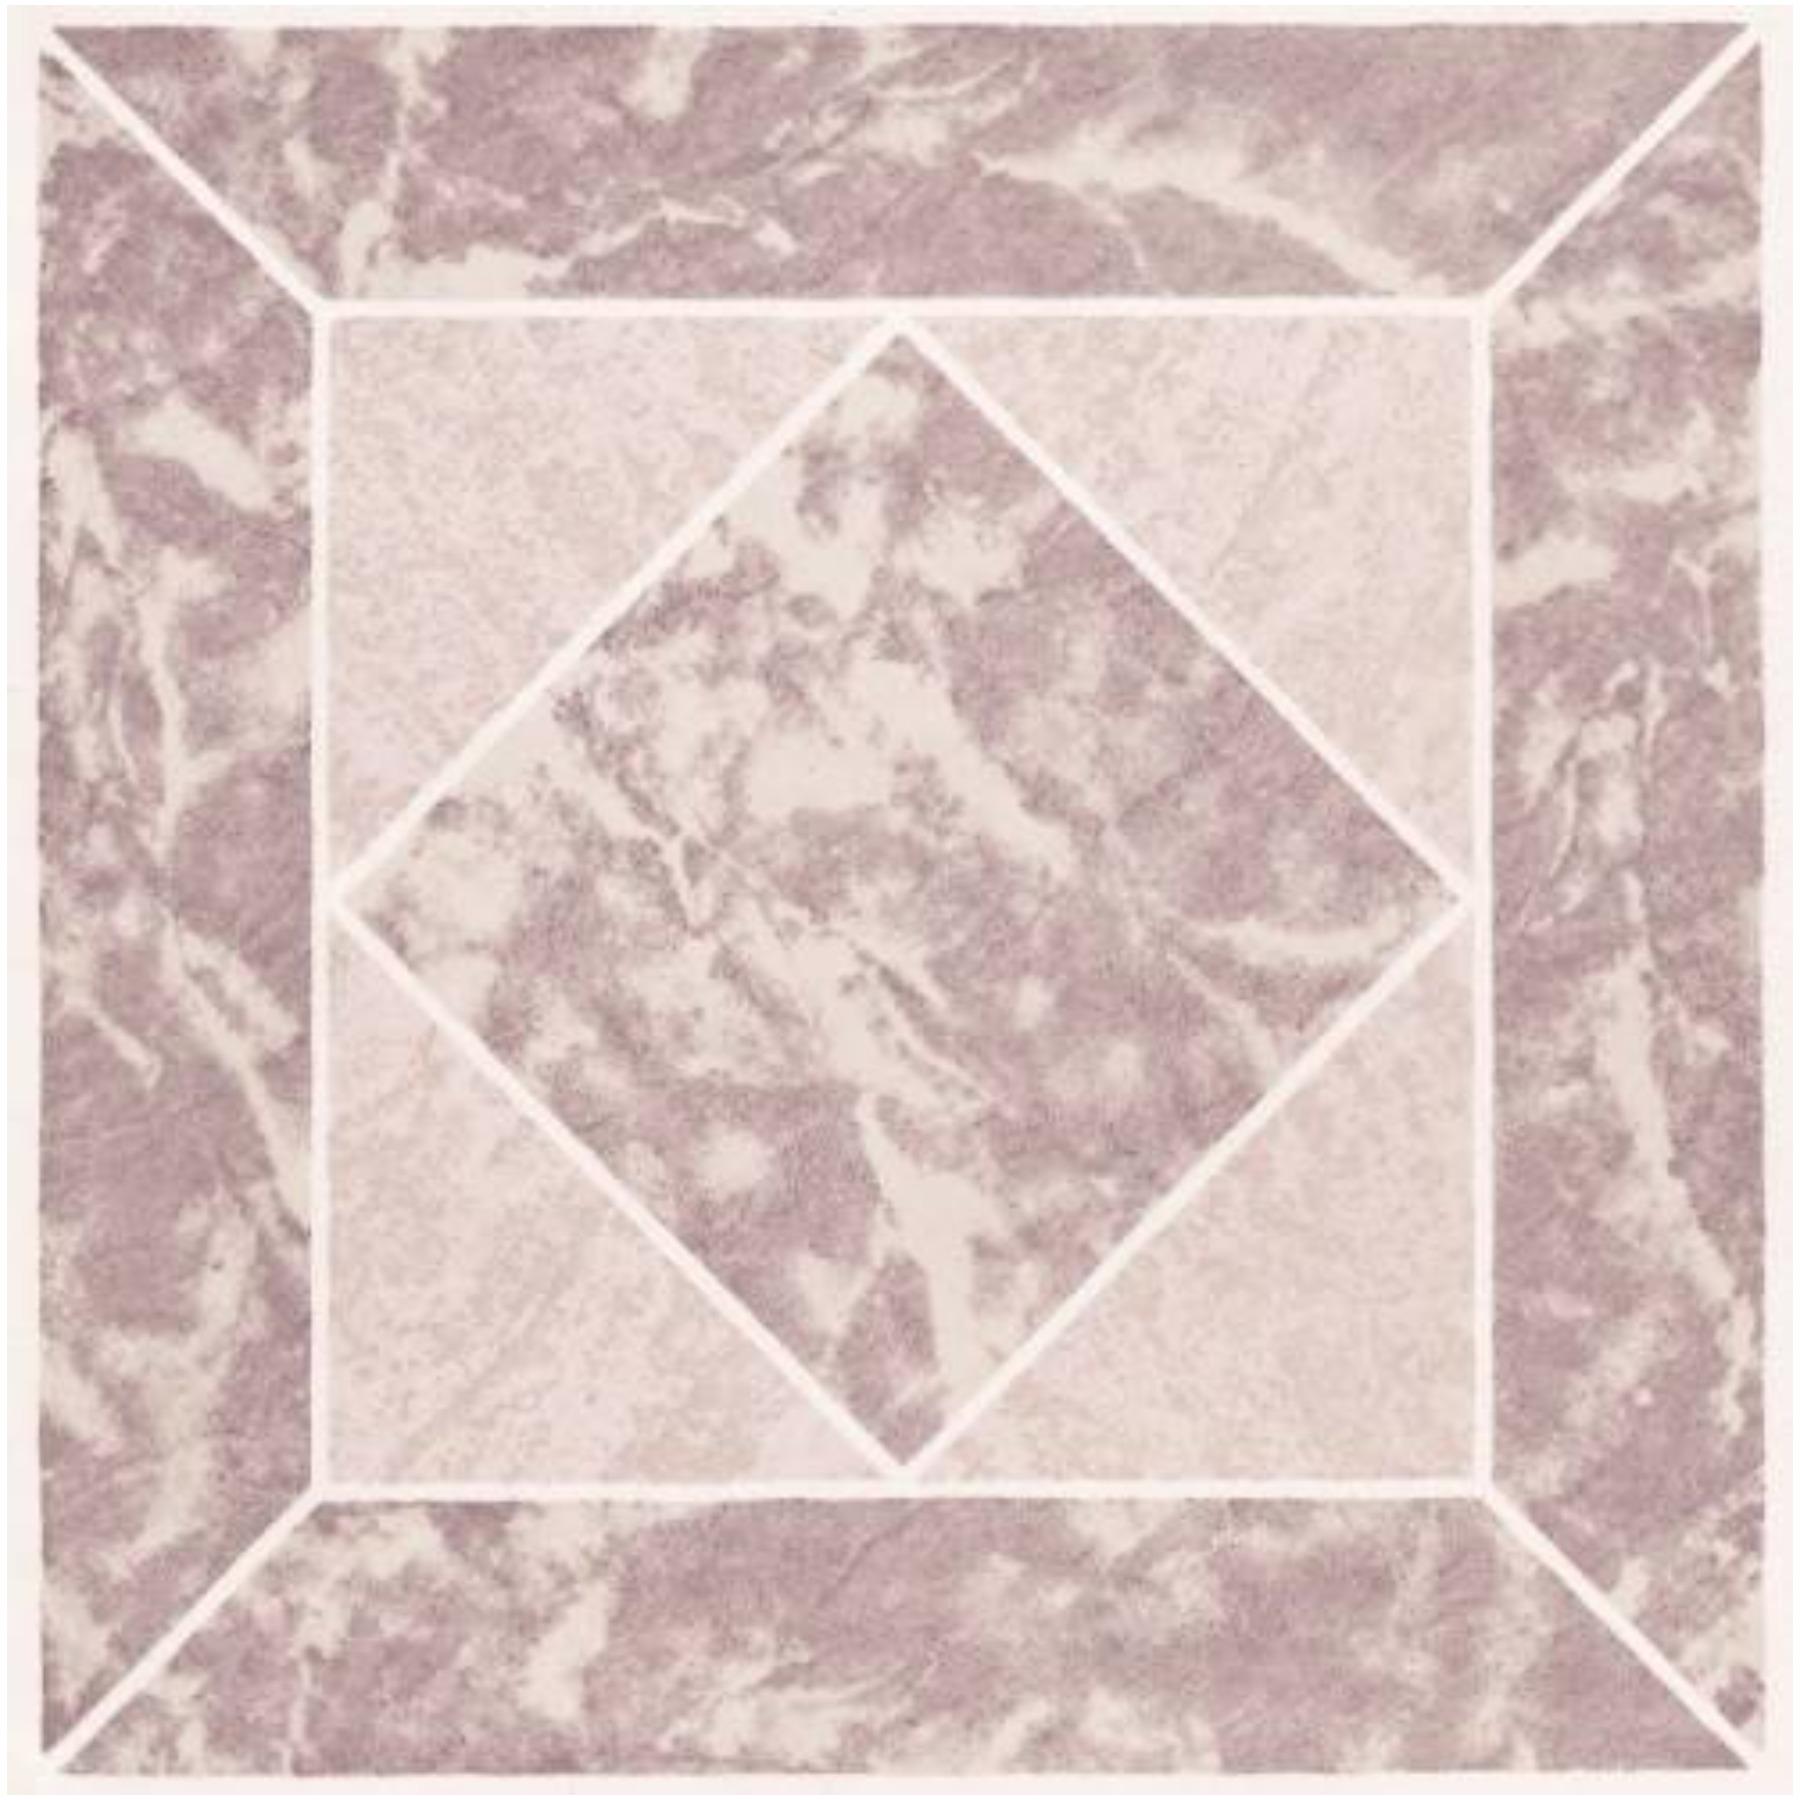 Winton Self-Adhesive Vinyl Floor Tile, 12X12 In., 1.1 mm, Rose Marble